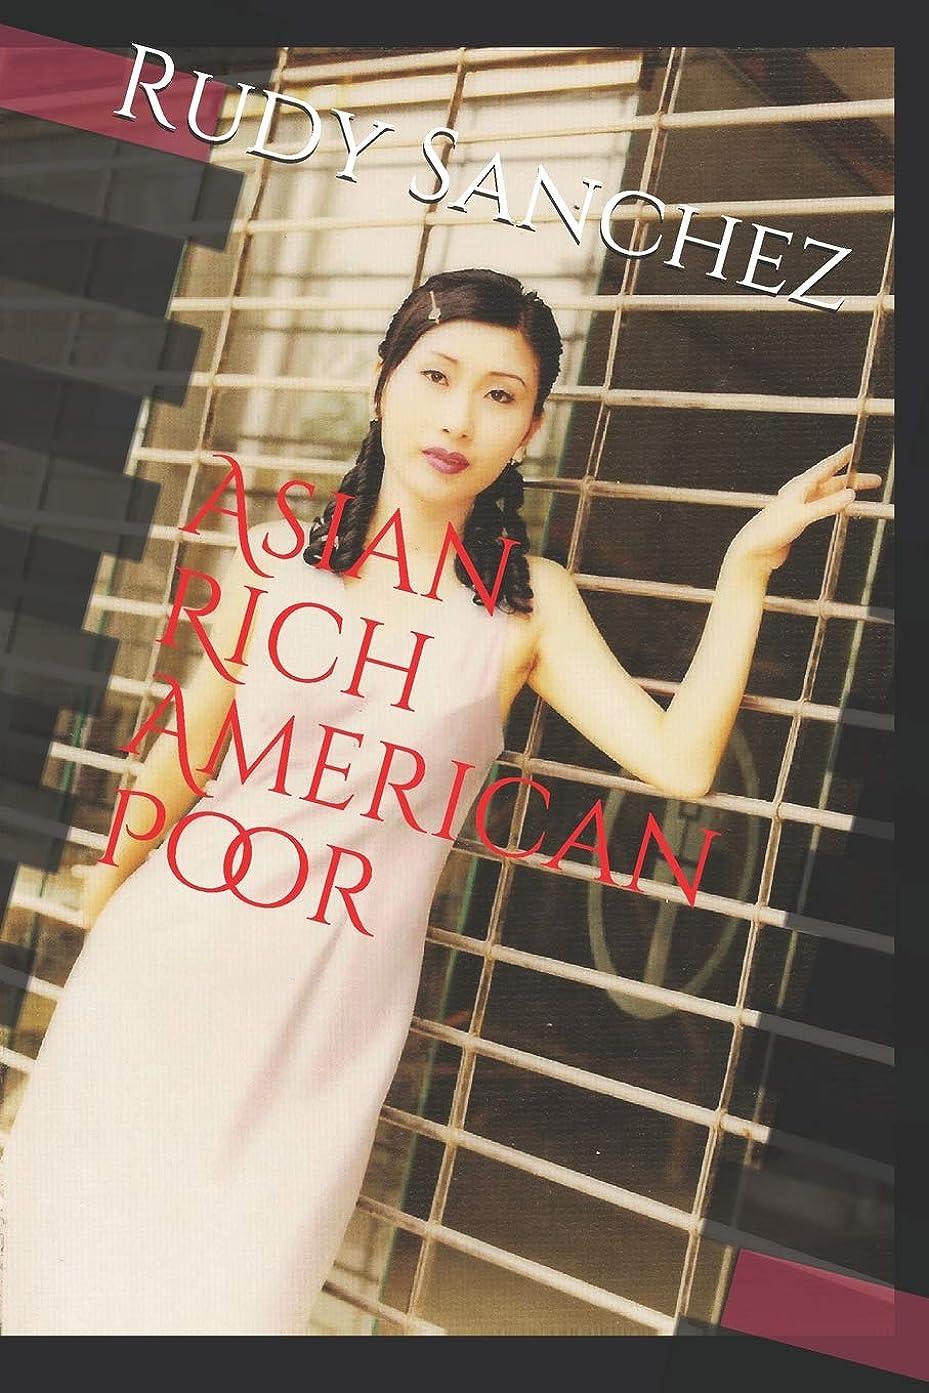 雨のバンケット一致Asian Rich American Poor